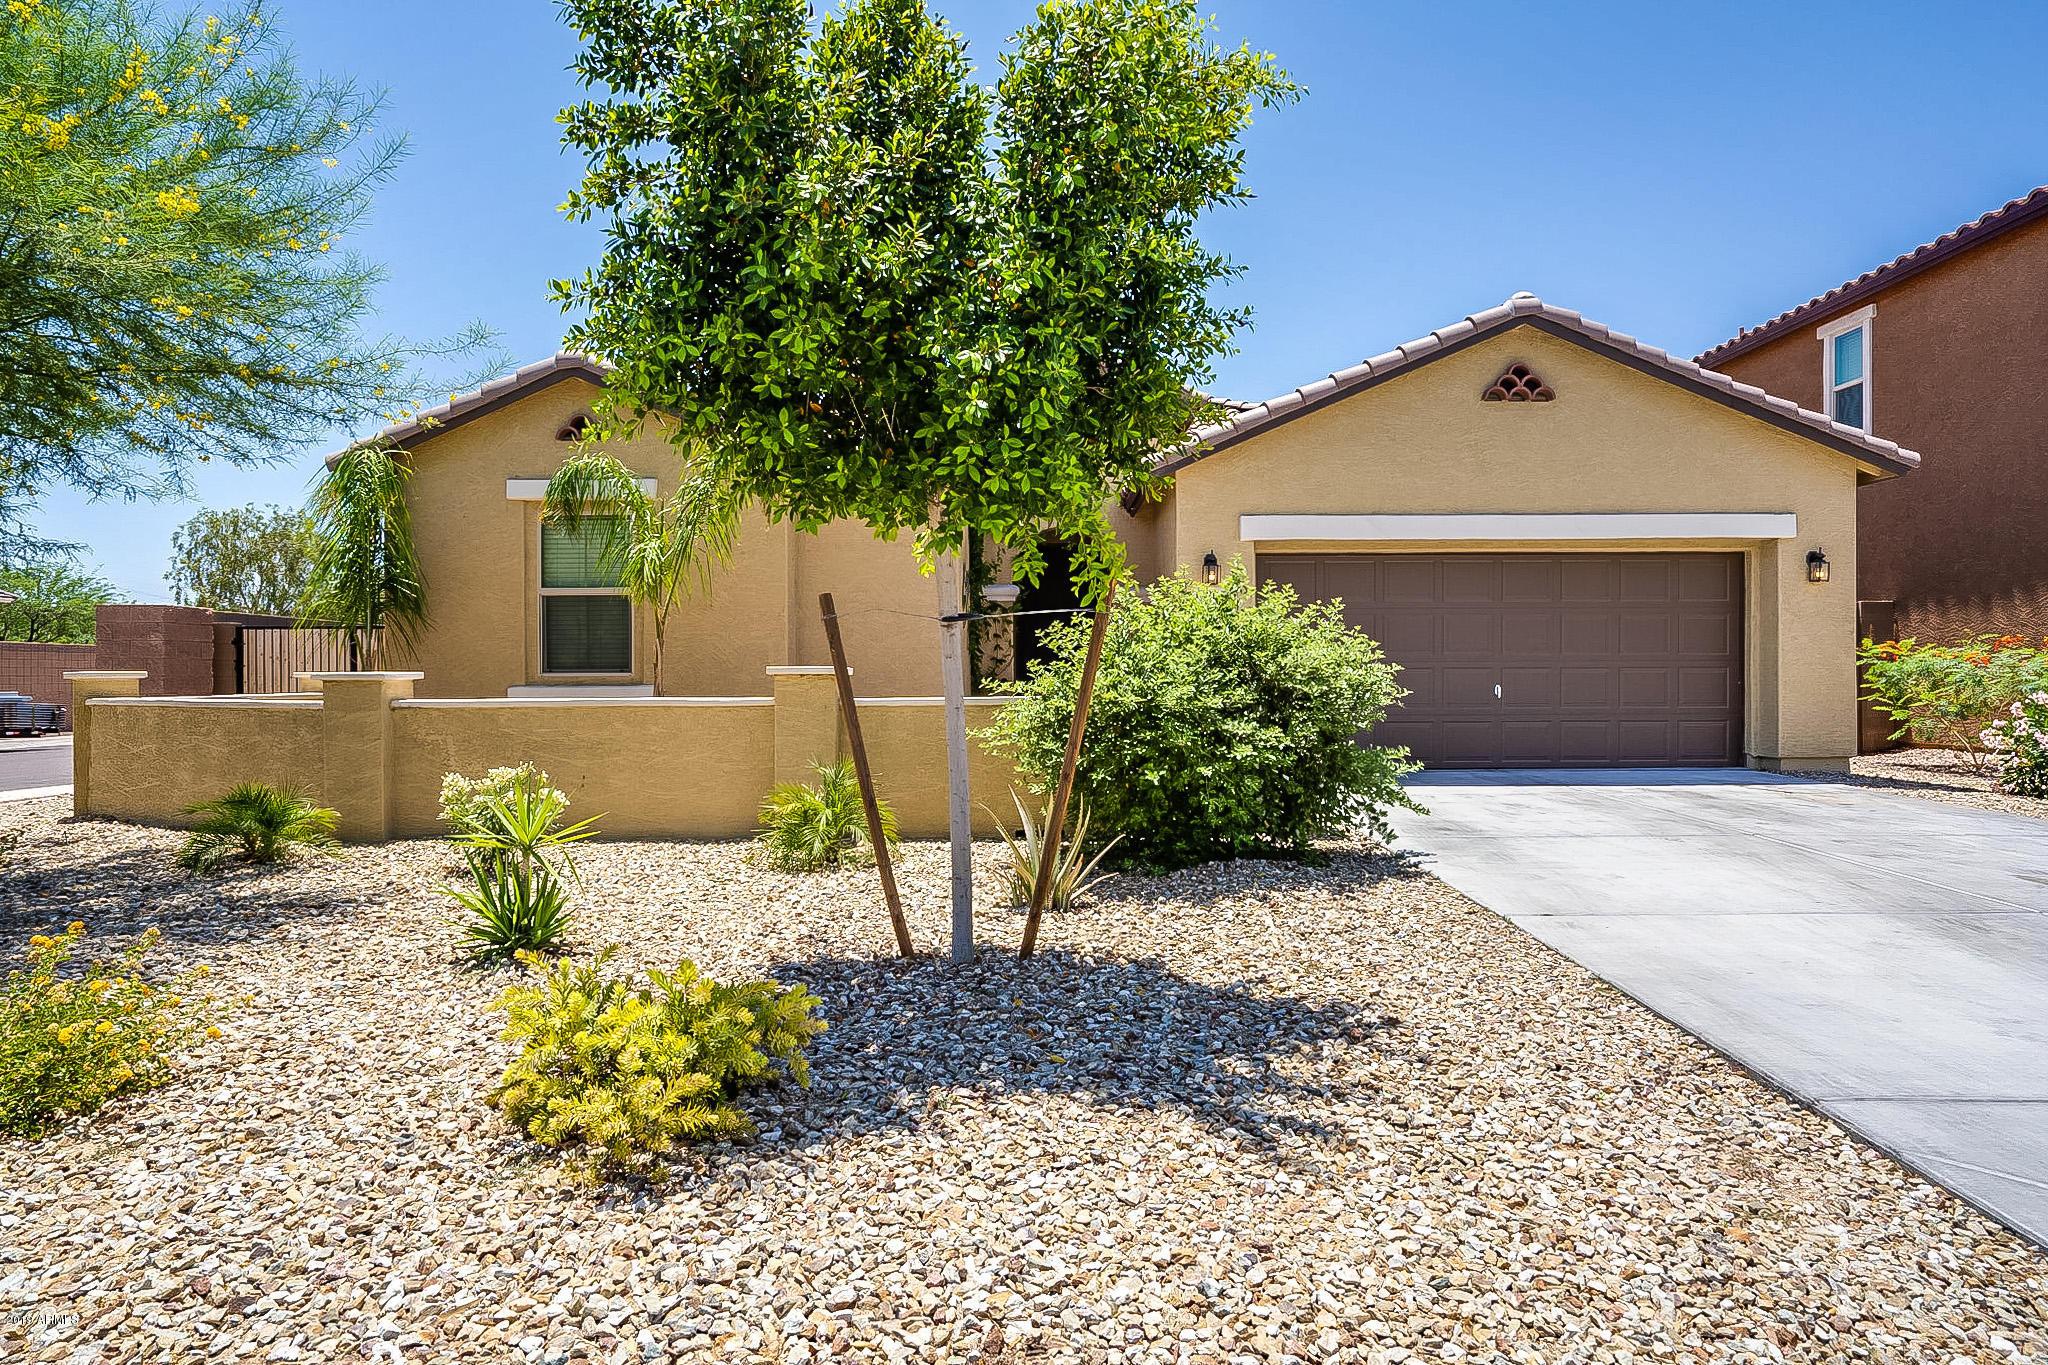 Photo of 12205 W DAVIS Lane, Avondale, AZ 85323